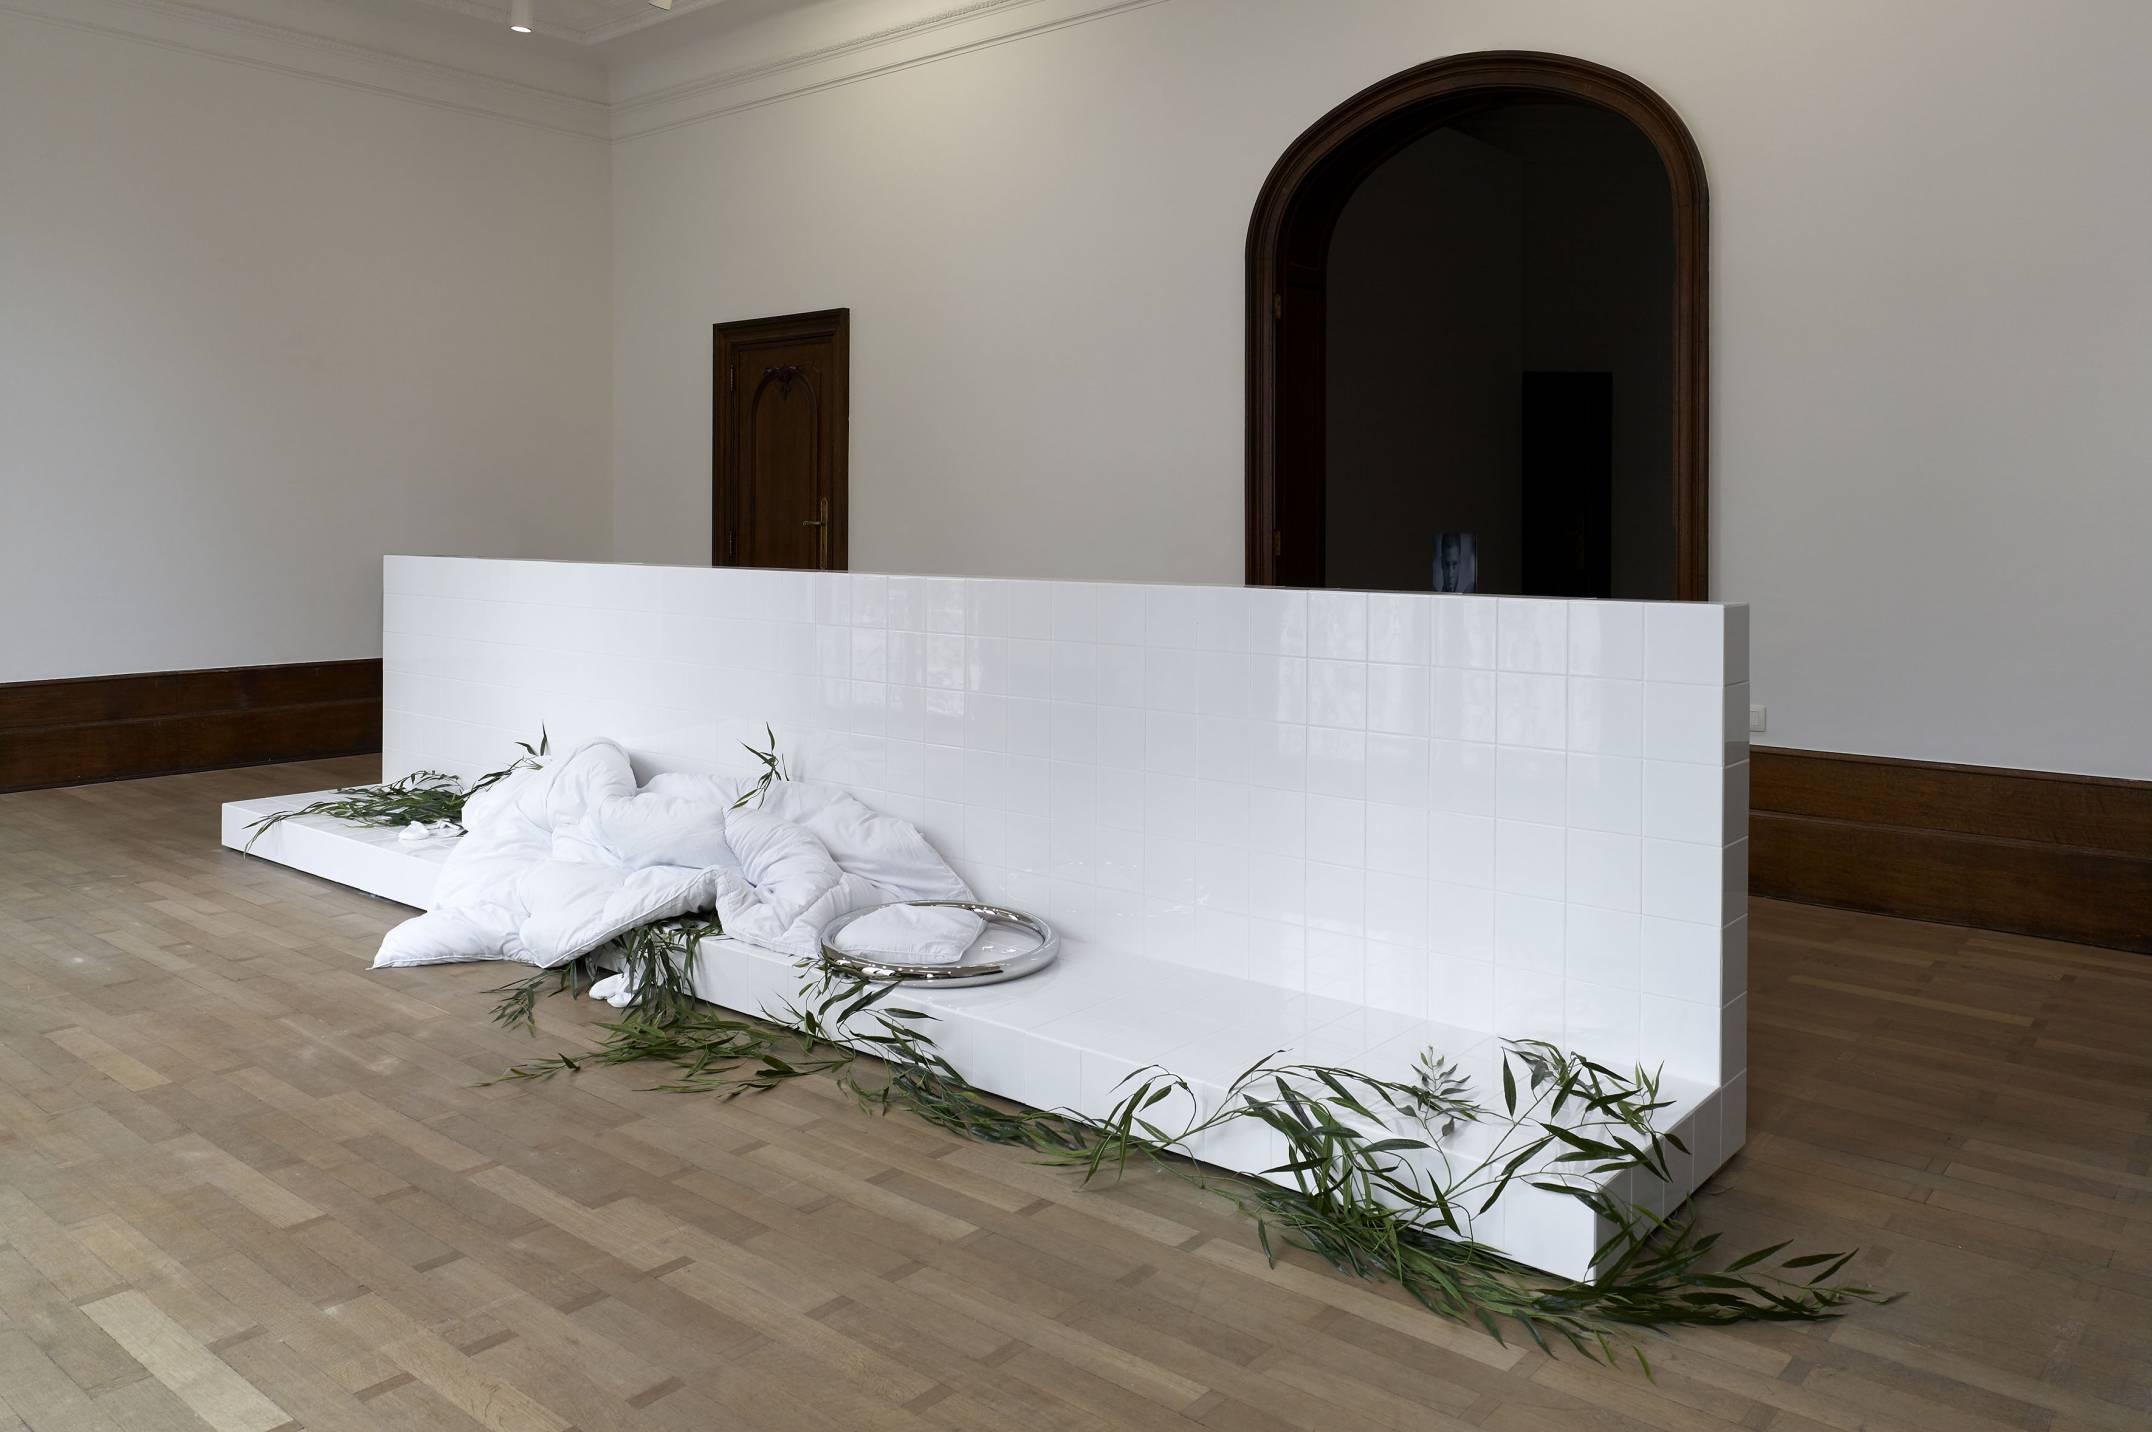 Prem Sahib,<em> Heron,&nbsp;</em>2017, socks, wood, ceramic tiles, grout, polished steel, duvet, artificial willow branches, 105 × 510 × 75 cm - Mendes Wood DM